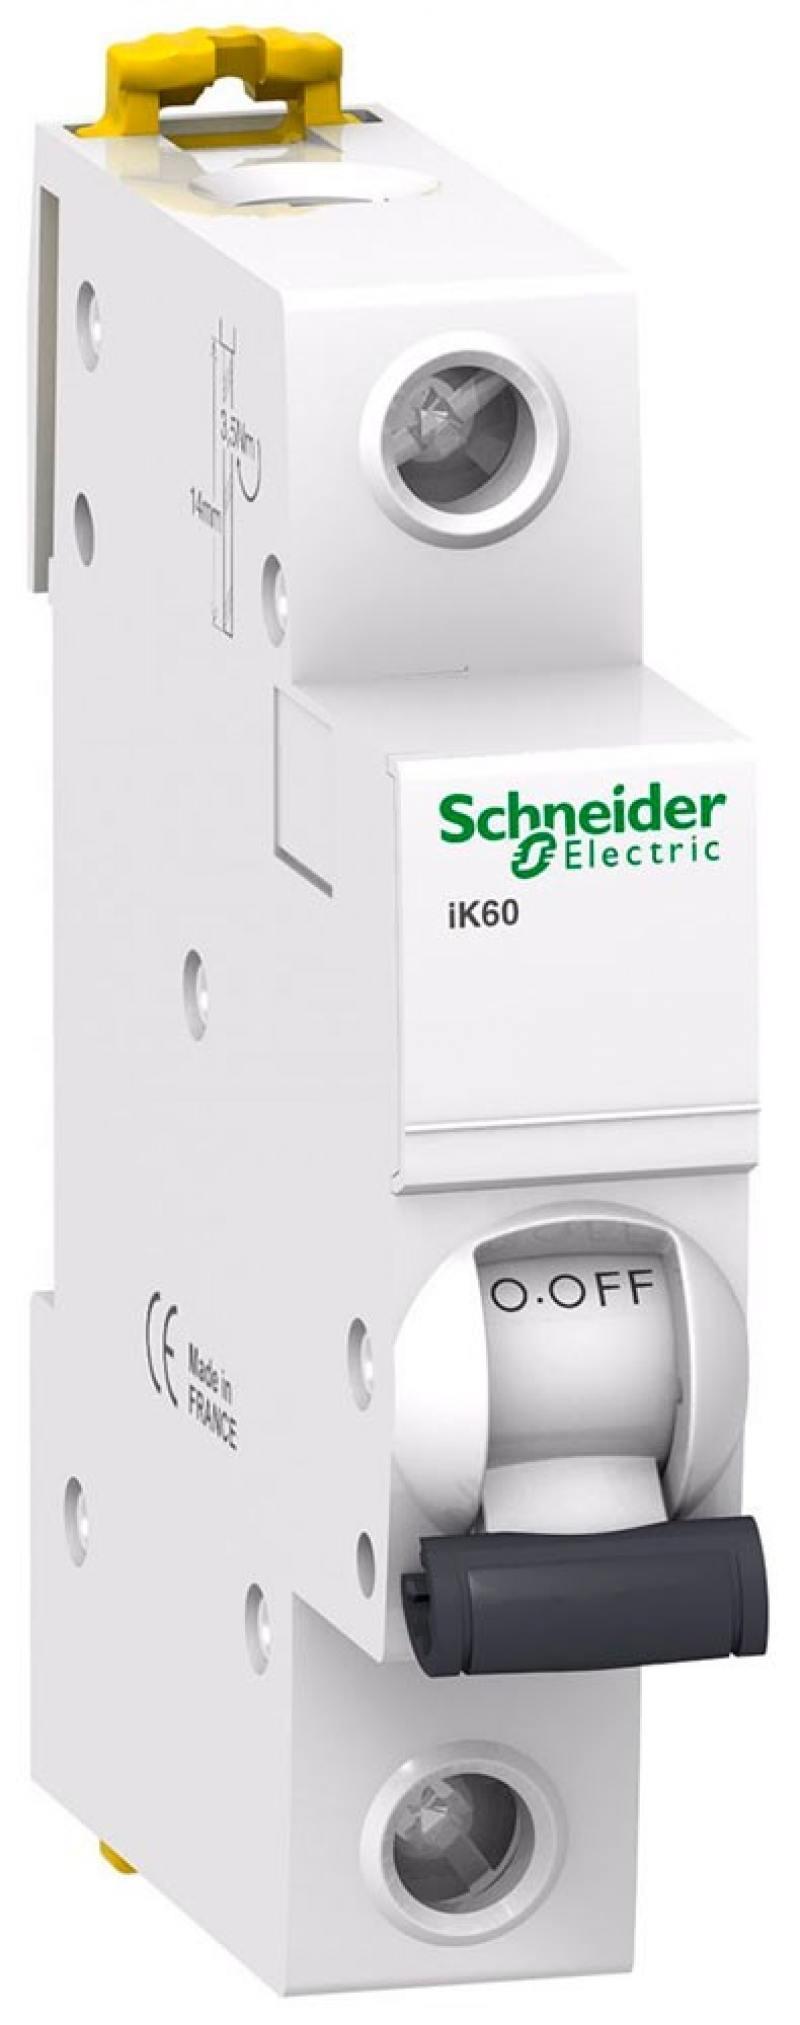 Автоматический выключатель Schneider Electric iK60 1П 6A C A9K24106 автоматический выключатель schneider electric ik60 1п 16a c a9k24116